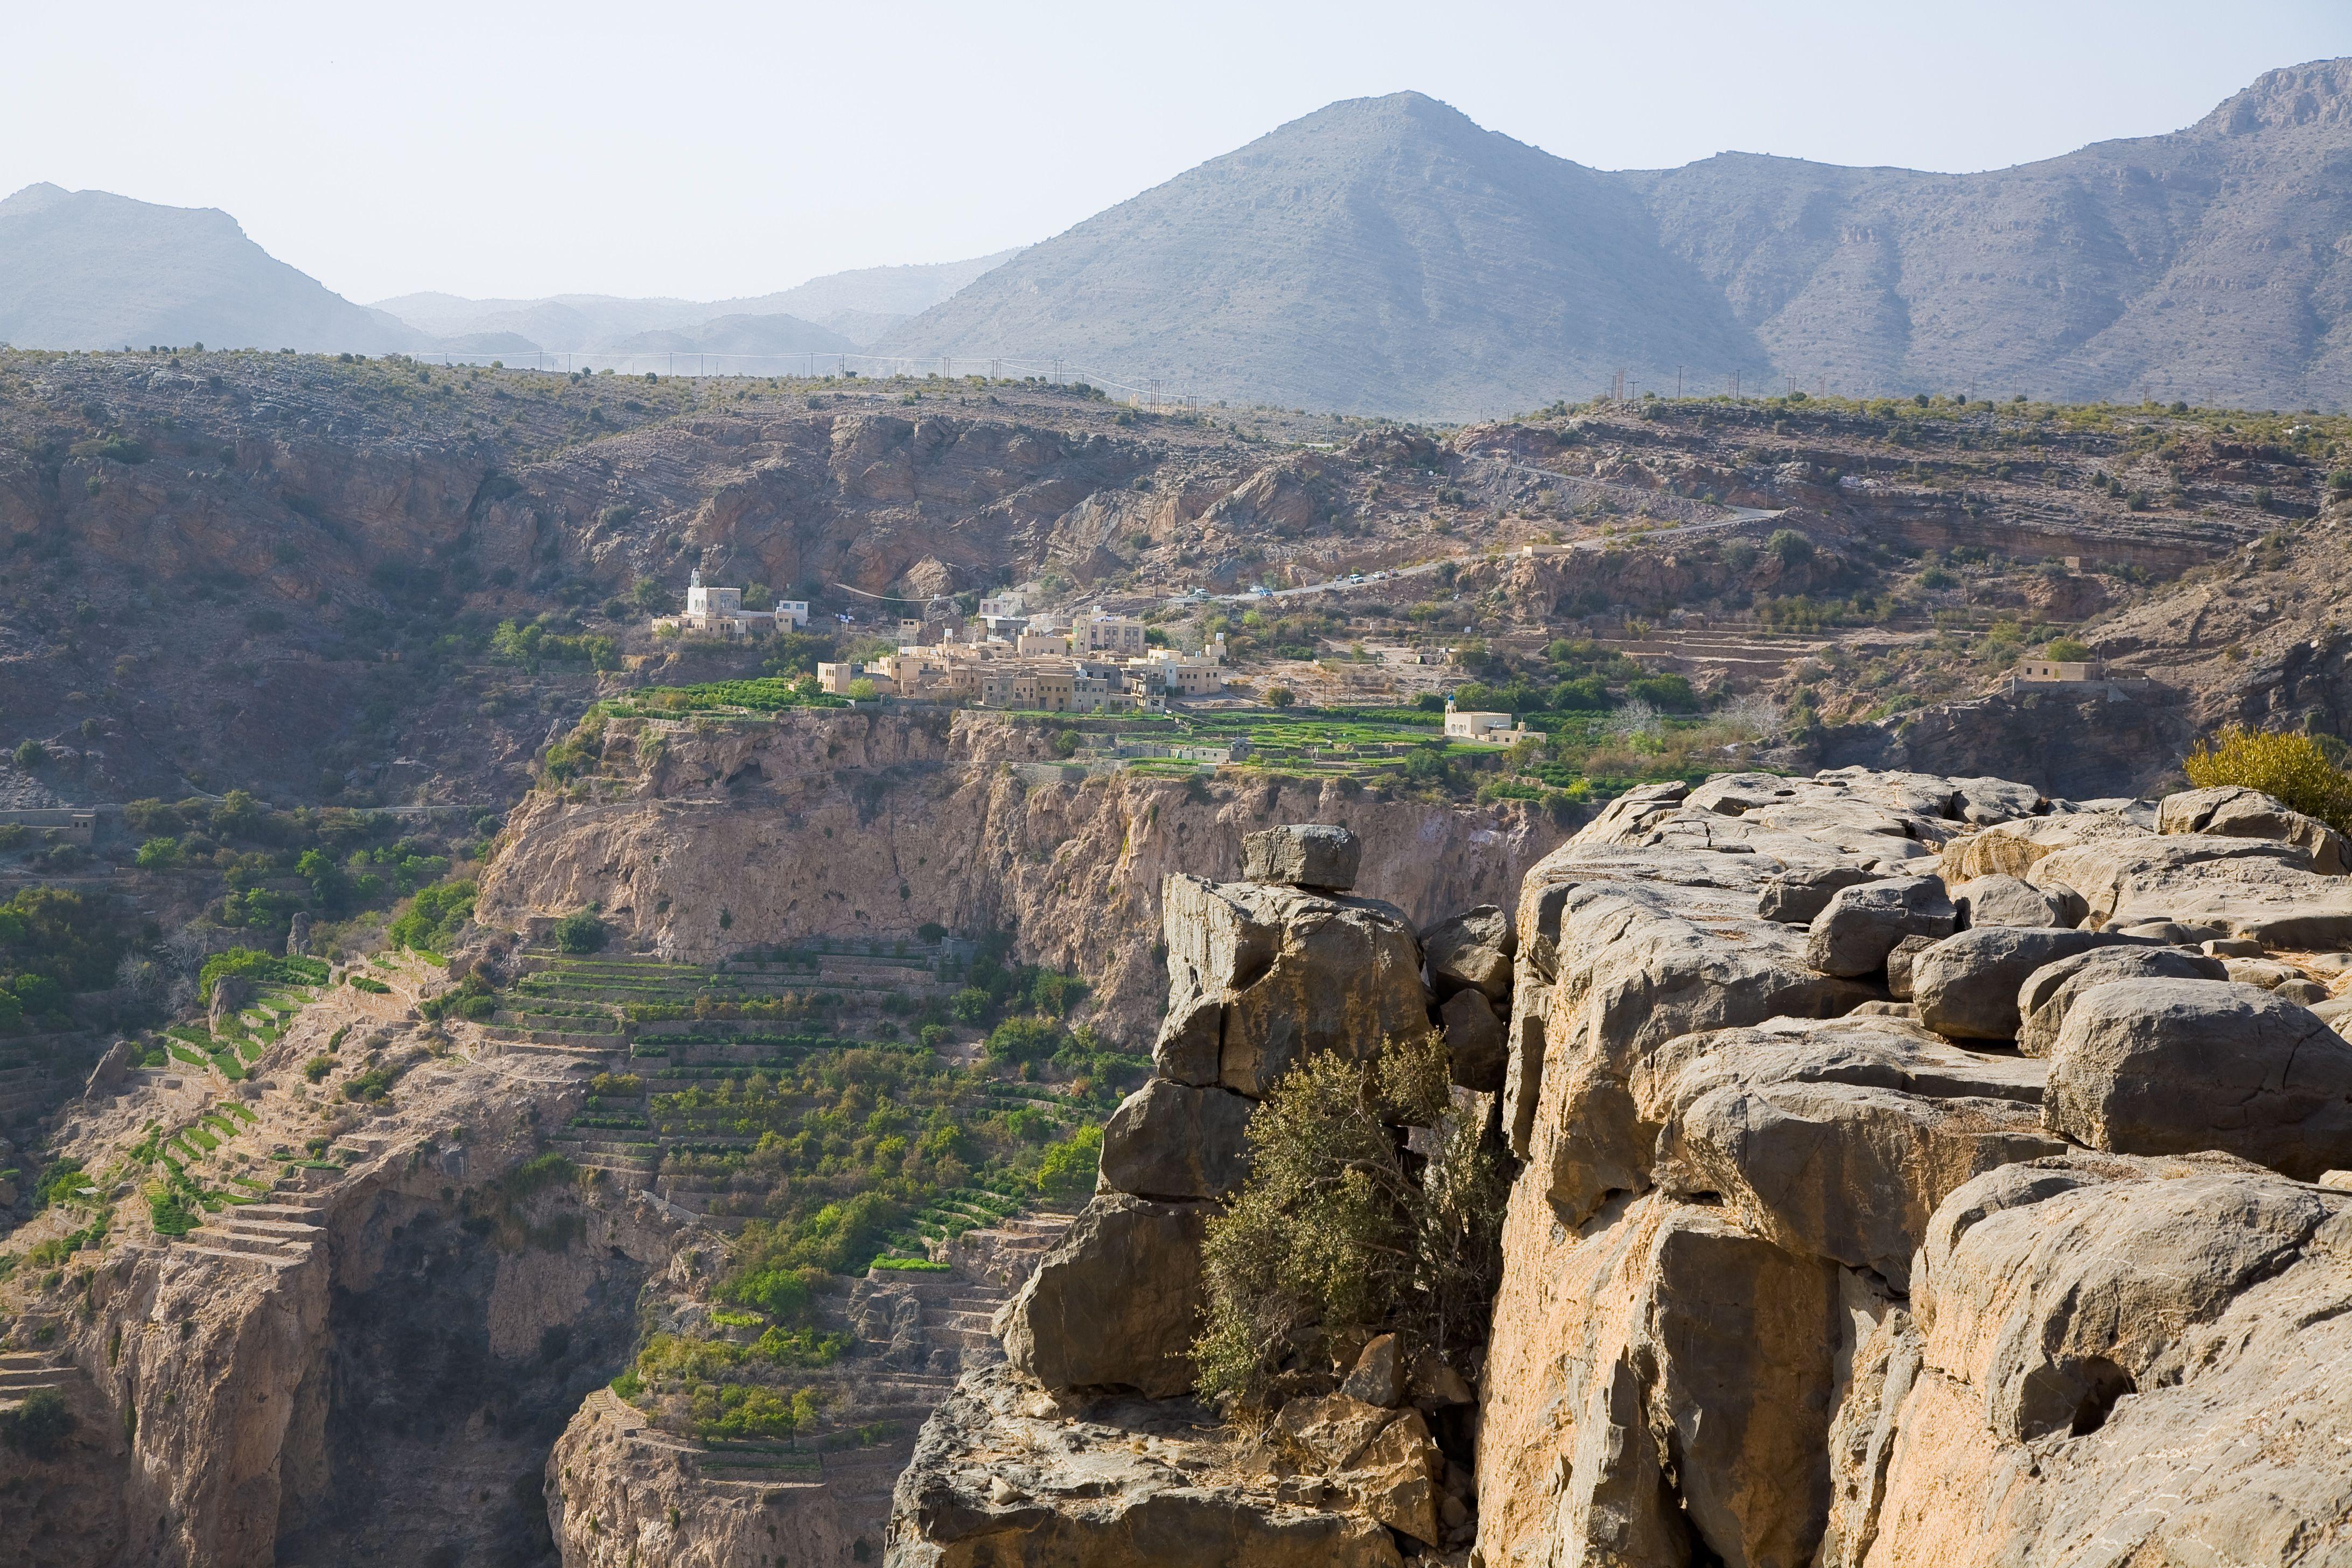 الجبل الأخضر في عمان المرسال Oman Camping Places Travel